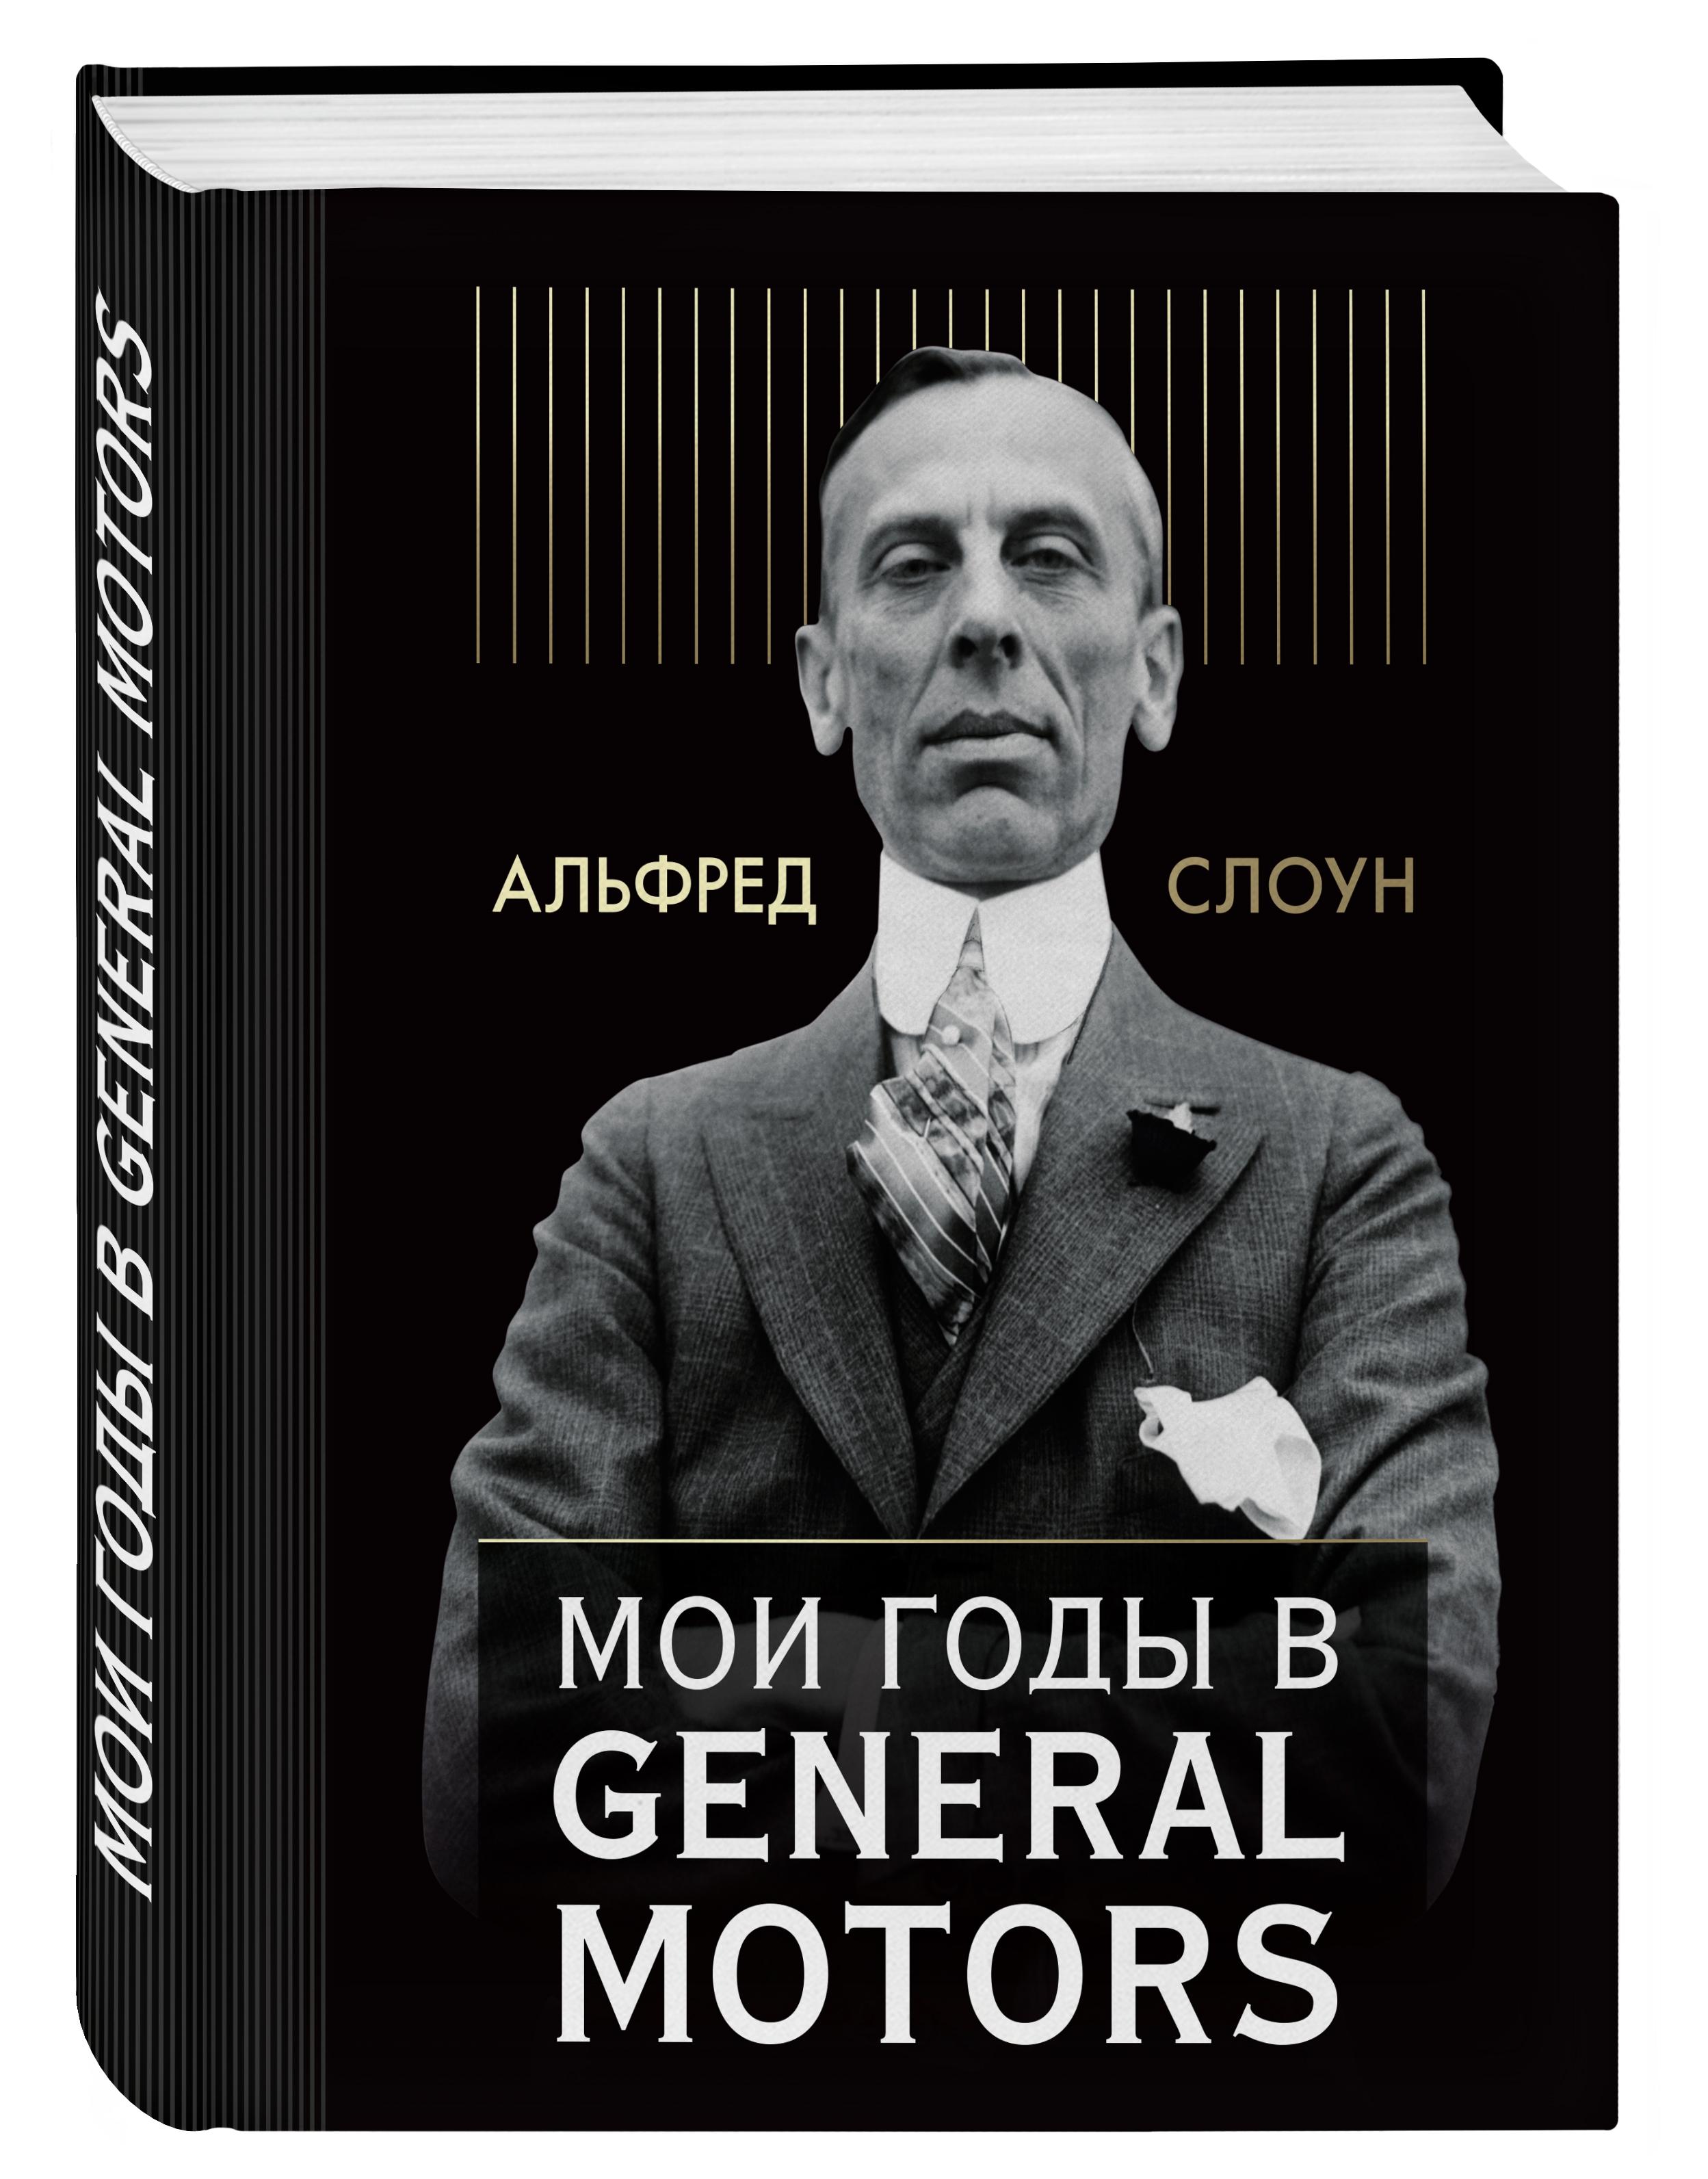 Альфред П. Слоун Мои годы в General Motors мои годы в general motors